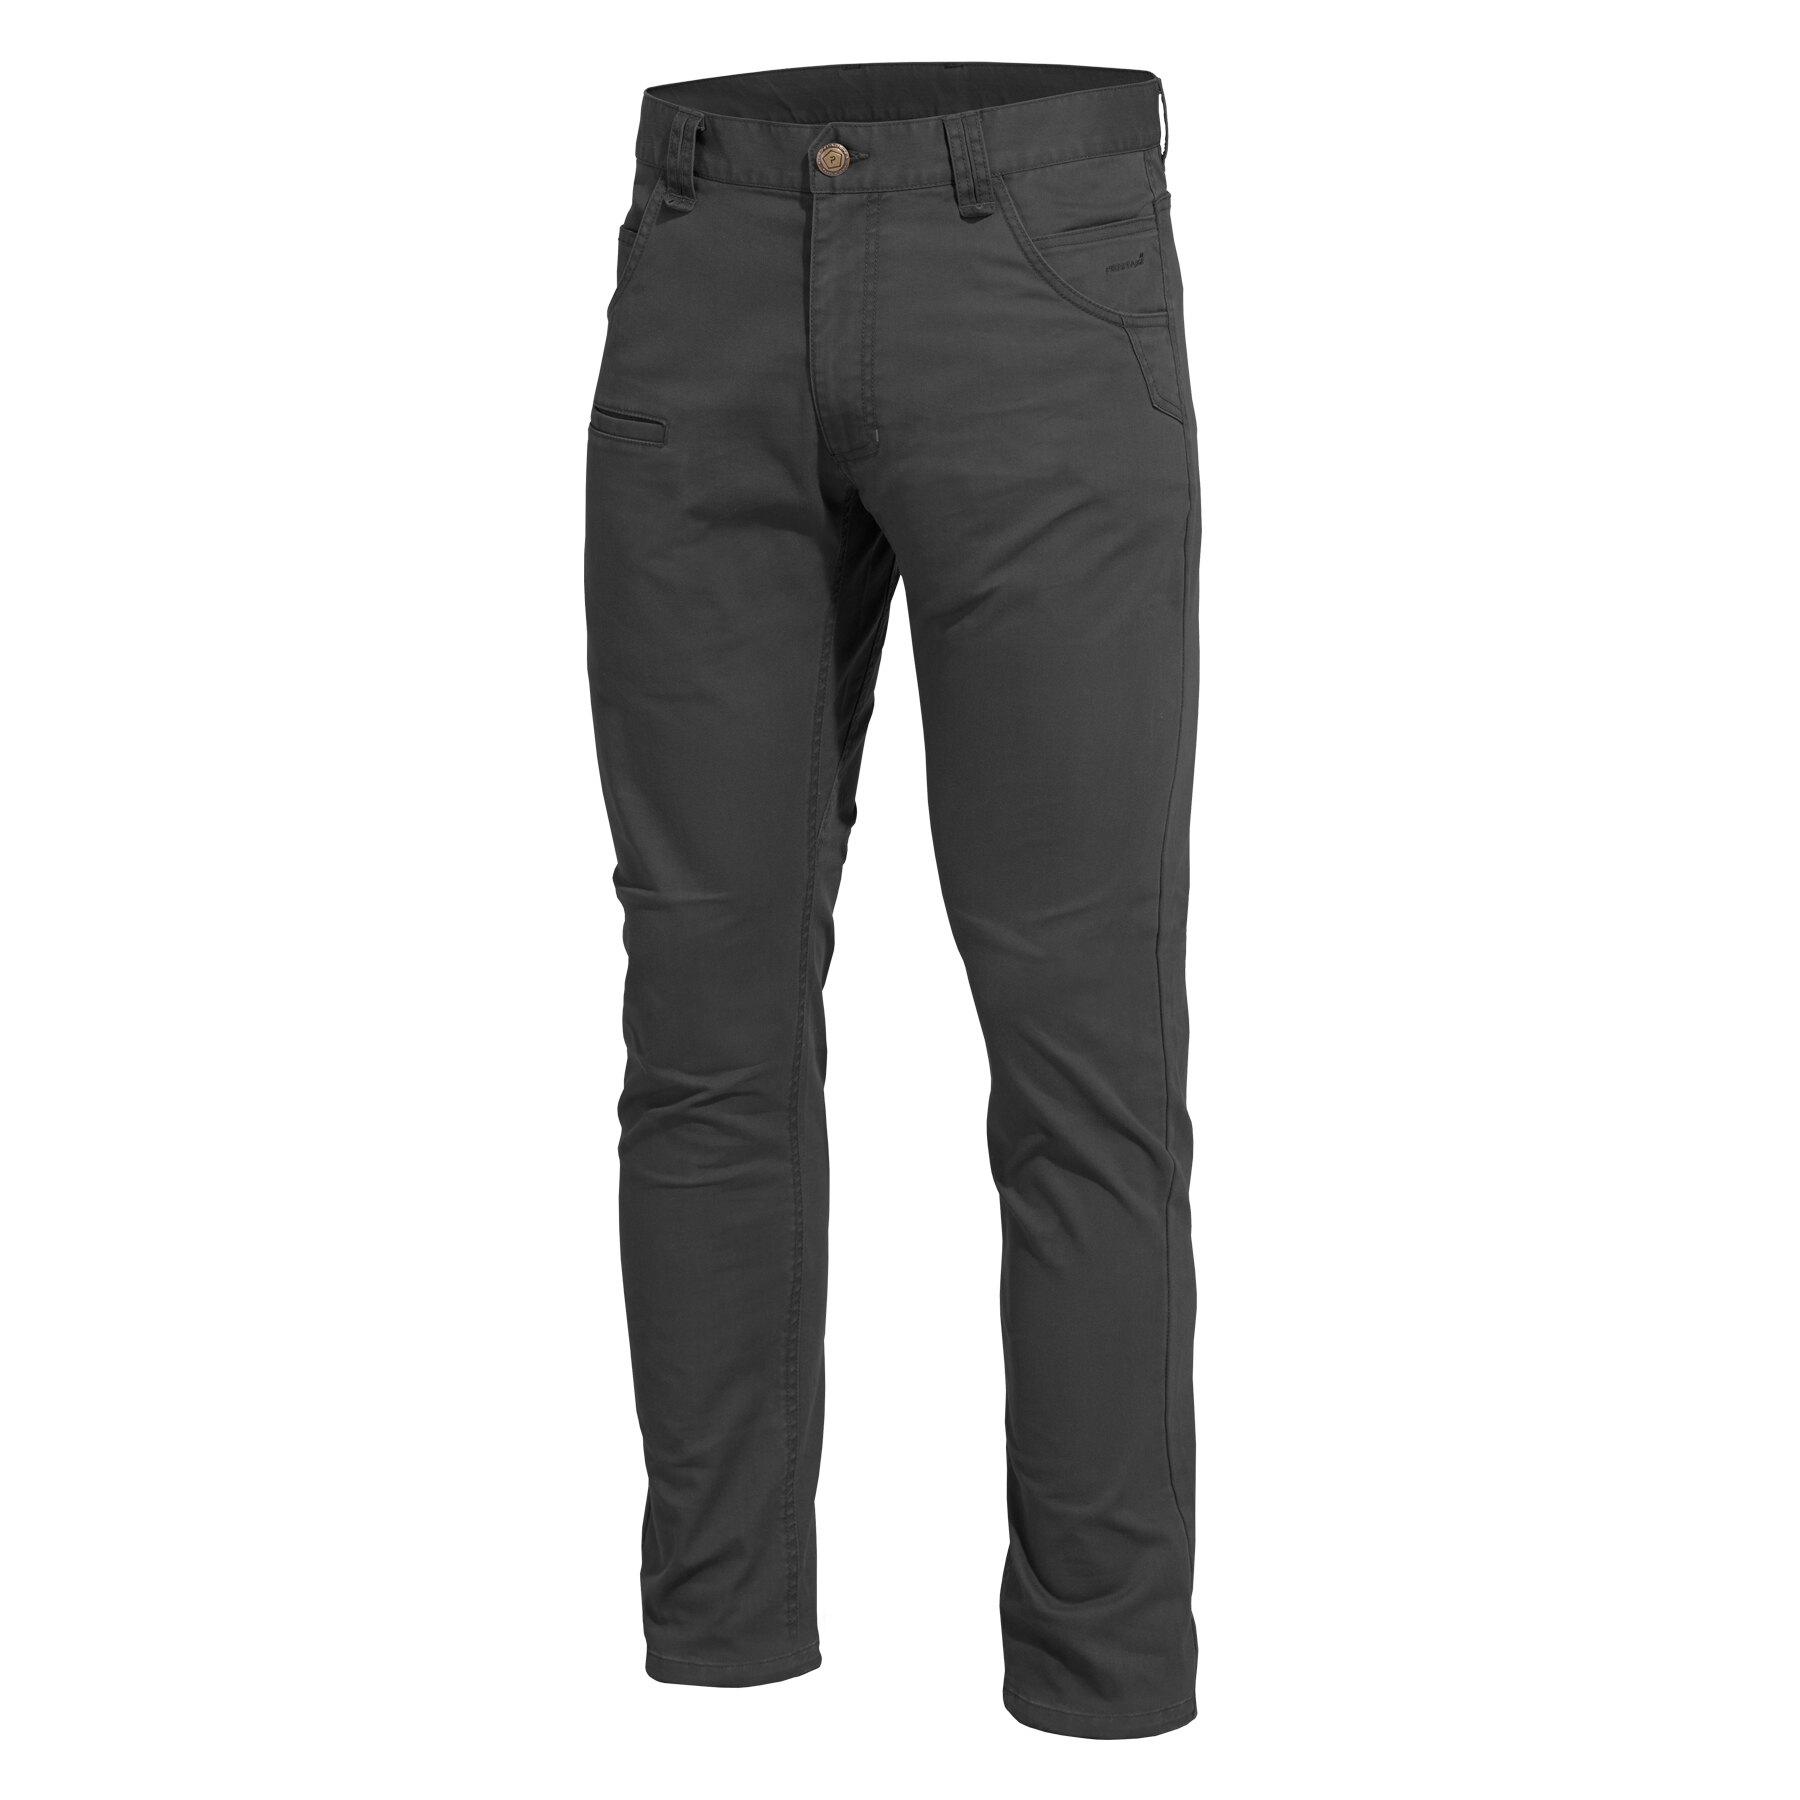 Nohavice PENTAGON® Rogue Hero – Čierna (Farba: Čierna, Veľkosť: 36)